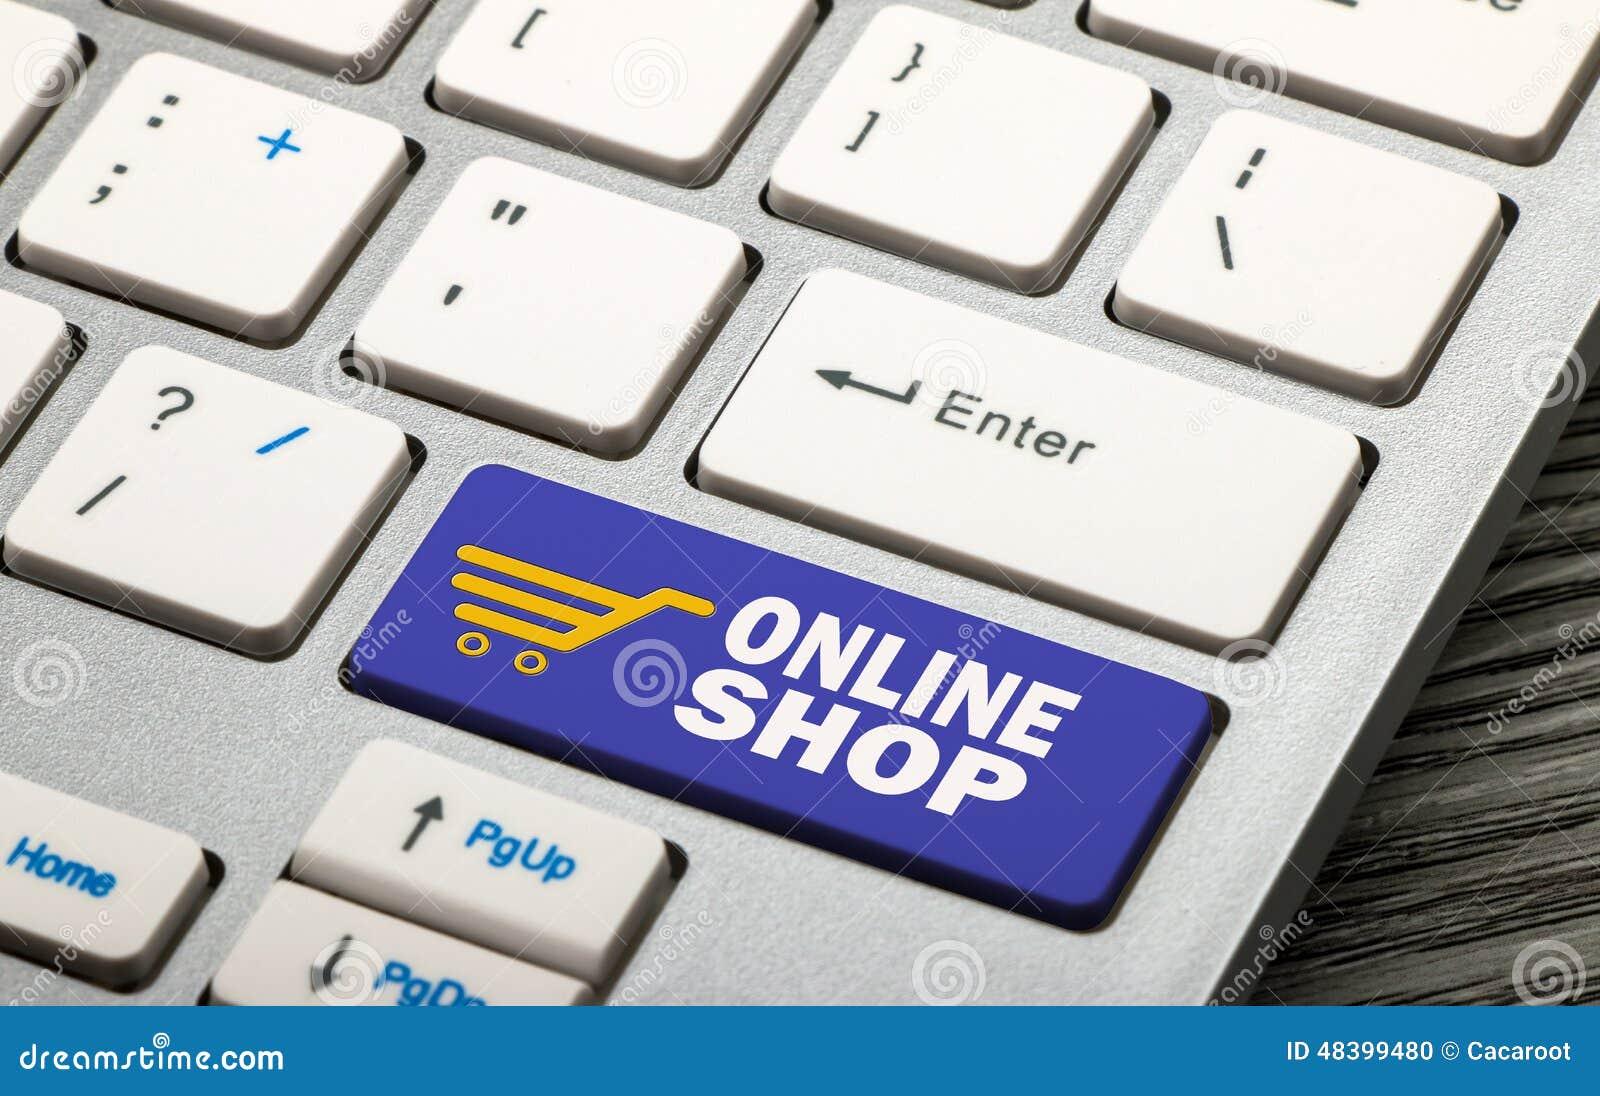 shop online royalty free cartoon 13567604. Black Bedroom Furniture Sets. Home Design Ideas